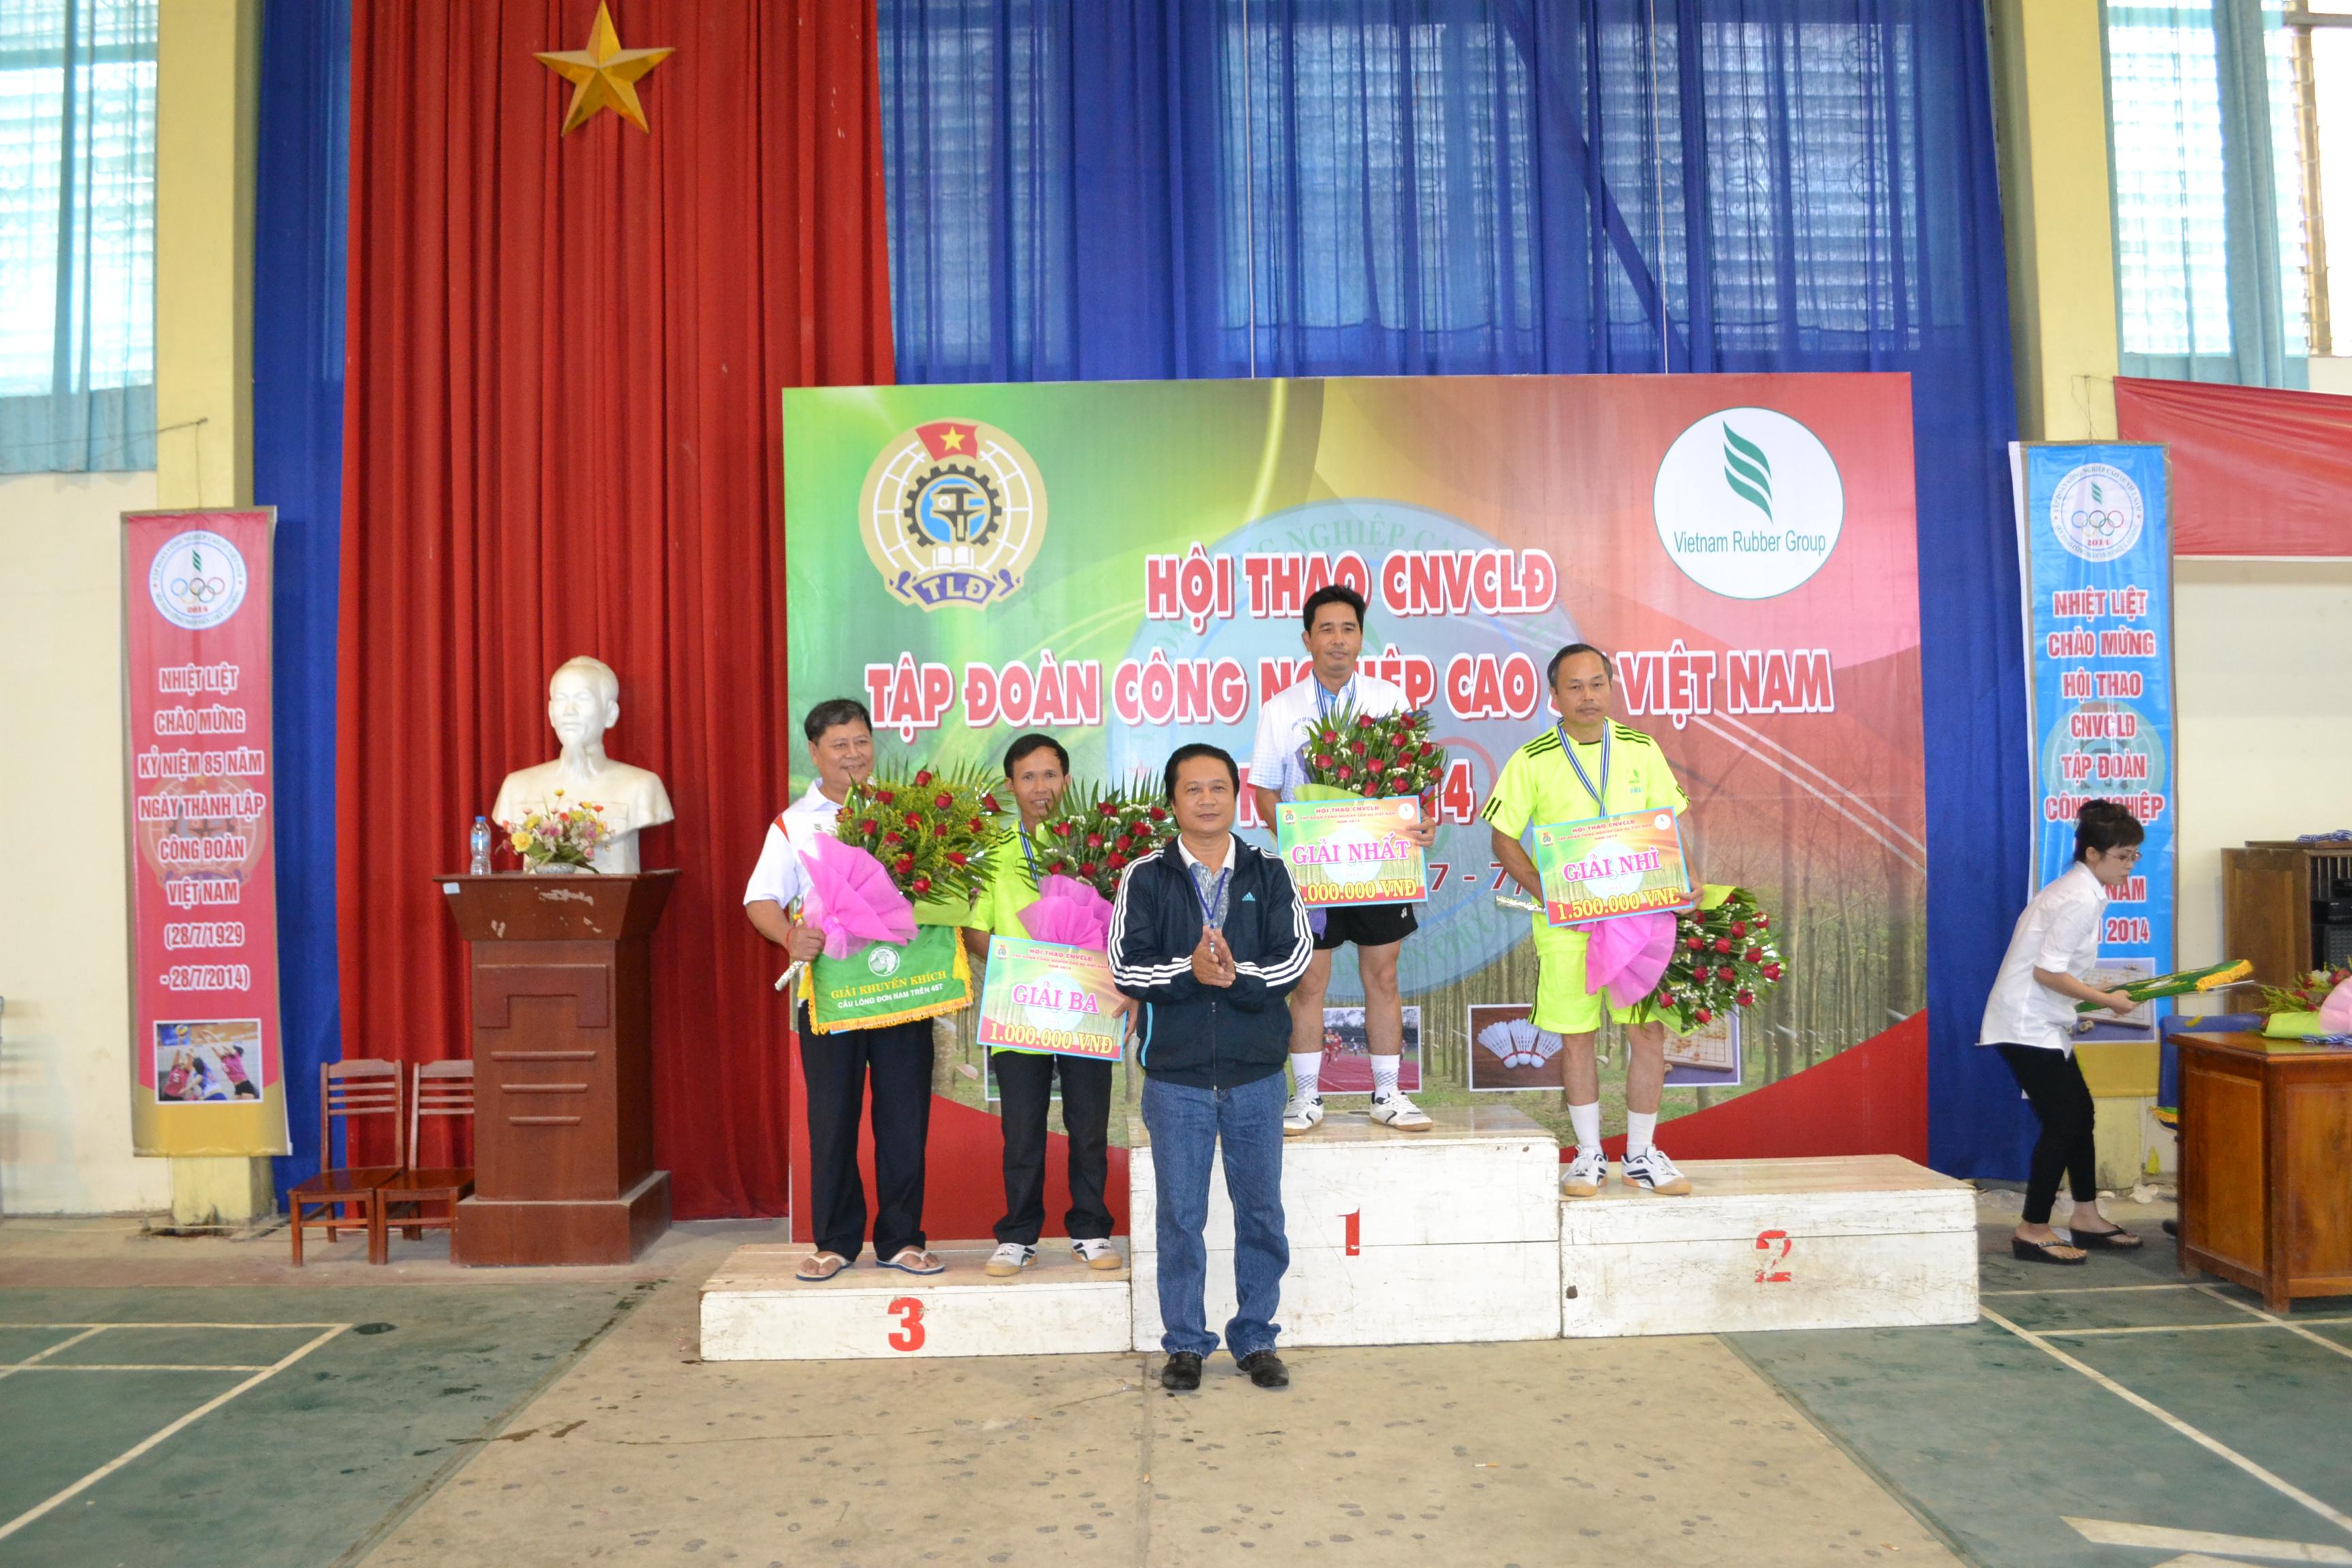 Description: Ông Phan Viết Phùng - Phó Ban tổ chức trao huy chương các loại cho vận động viên bộ môn cầu lông đơn nam     từ 45 tuổi trở lên